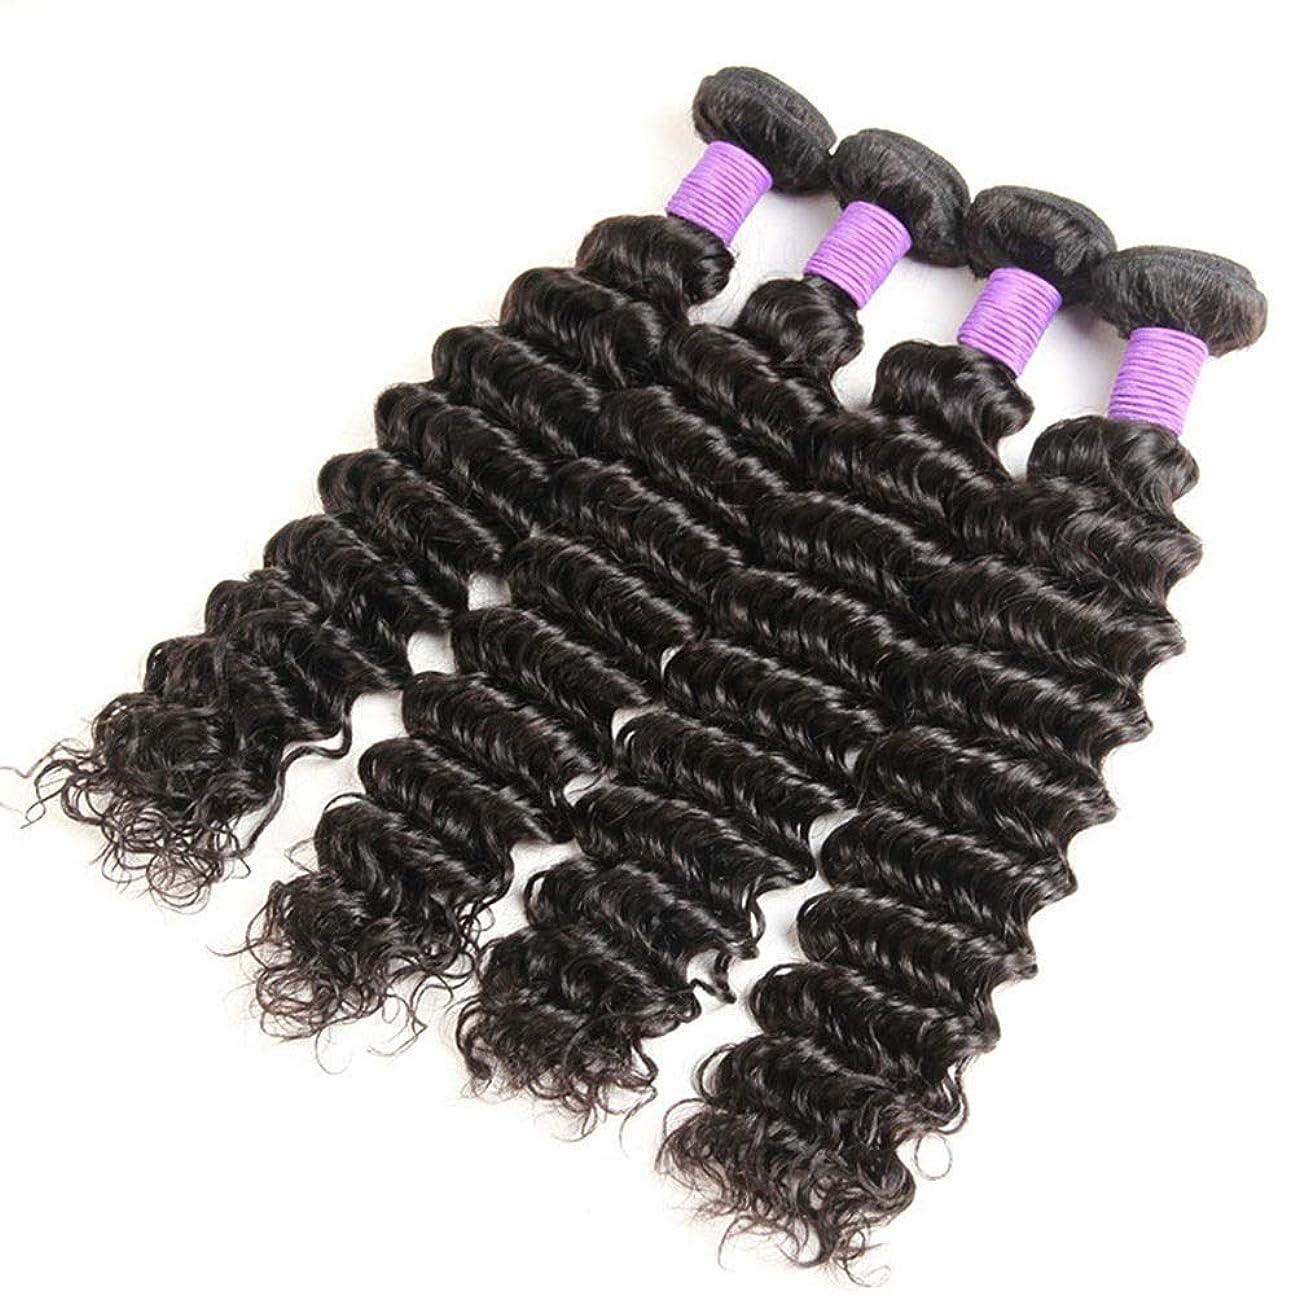 かき混ぜるおんどりまもなくYrattary ディープウェーブヘアバンドルブラジル100%未処理の人間の髪織り方ヘアエクステンションナチュラルブラックカラー女性複合かつらレースかつらロールプレイングかつら (色 : 黒, サイズ : 20 inch)